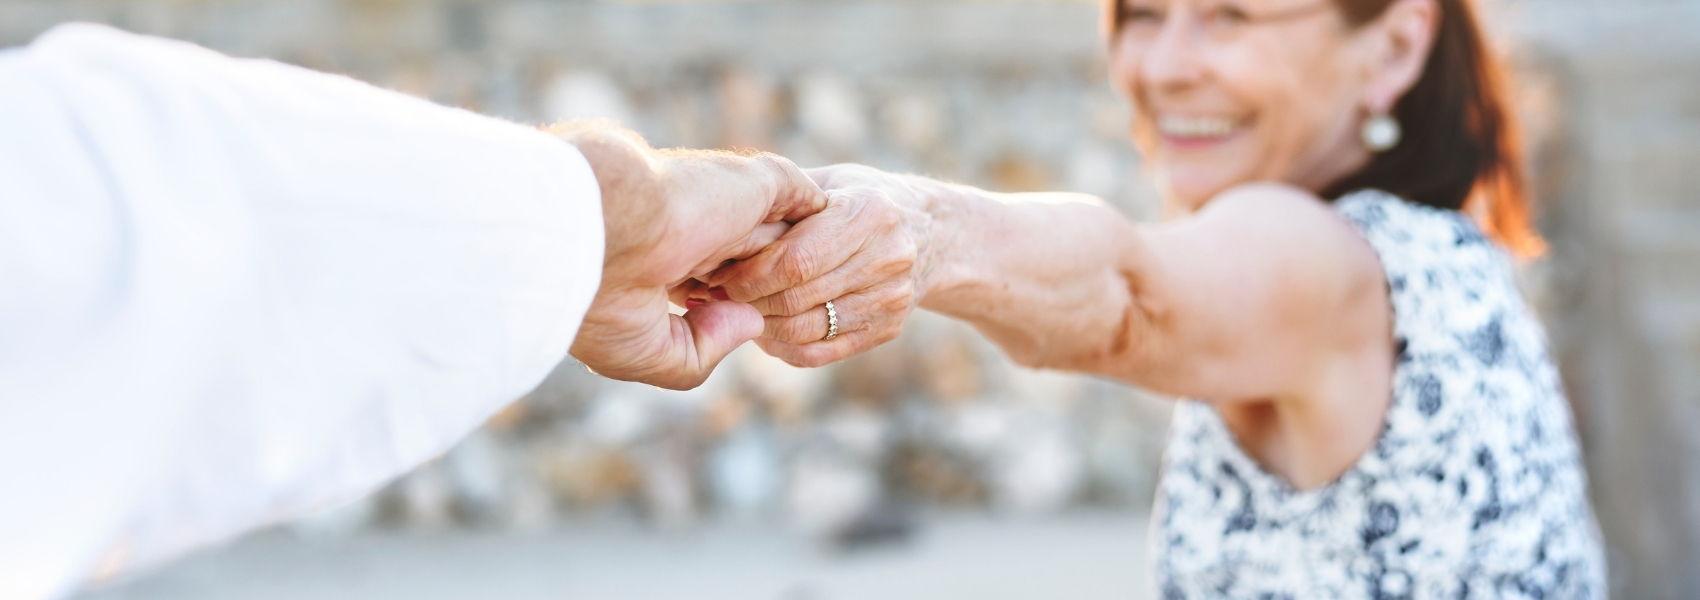 tecnologia para doença de Parkinson